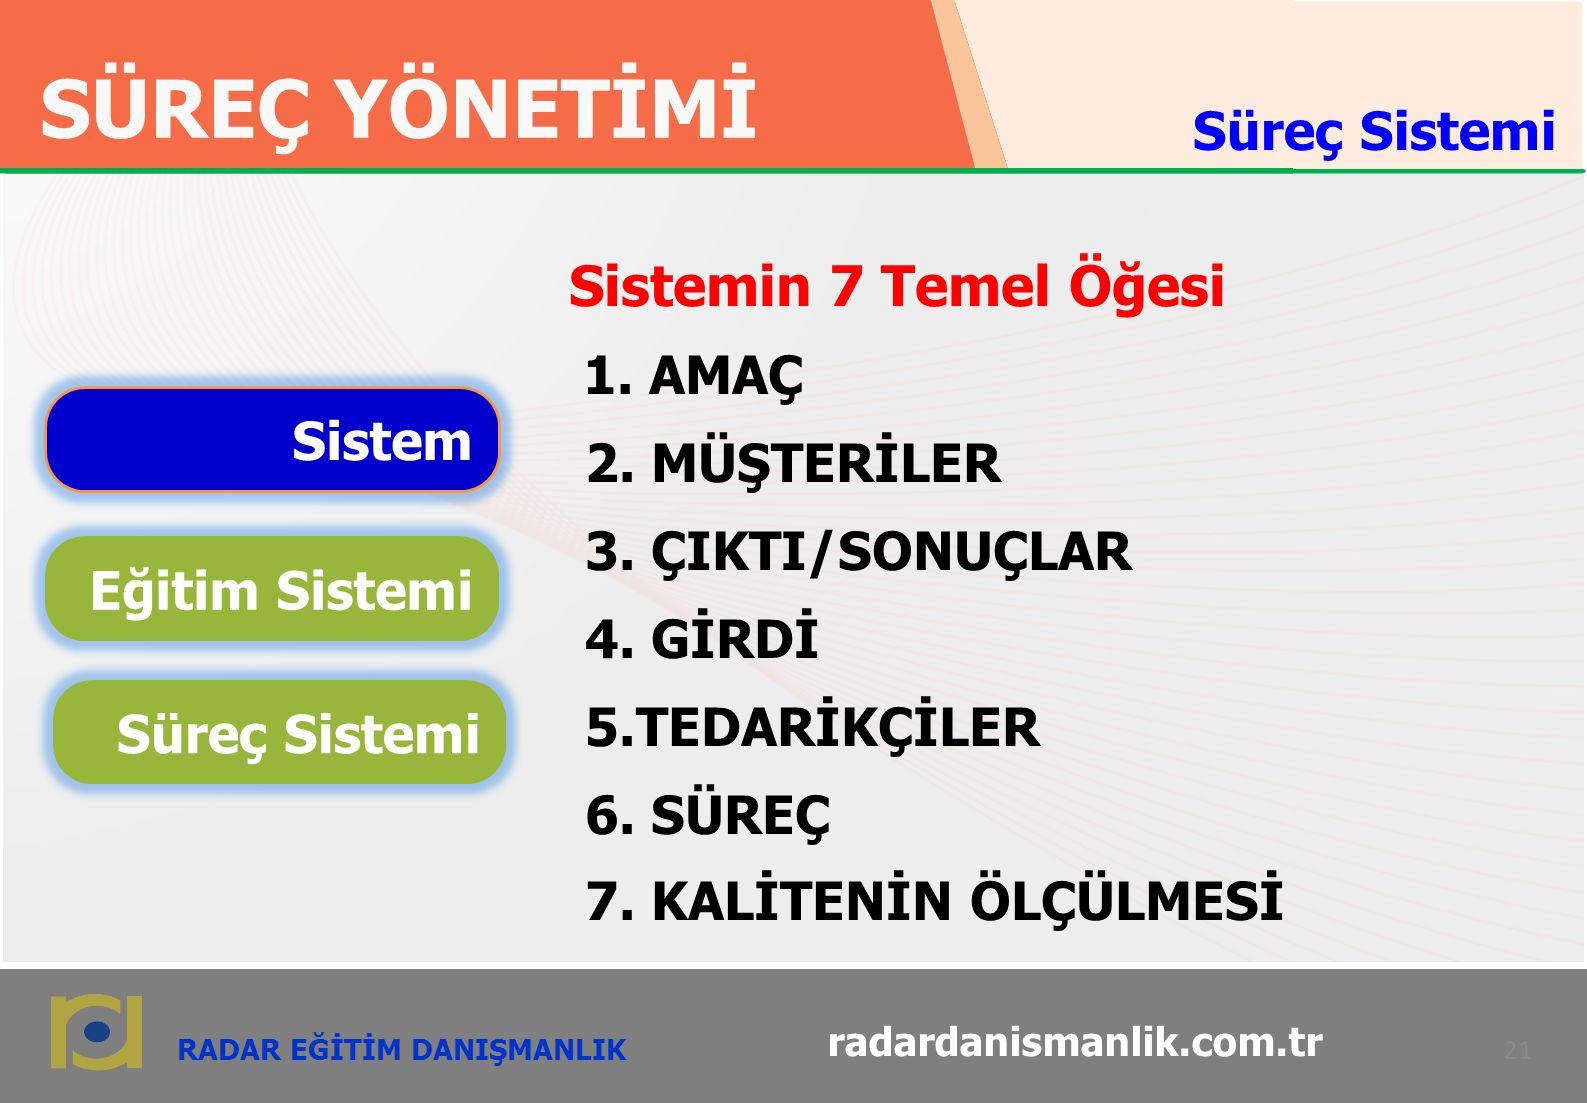 RADAR EĞİTİM DANIŞMANLIK SÜREÇ YÖNETİMİ 21 radardanismanlik.com.tr Sistemin 7 Temel Öğesi 1.